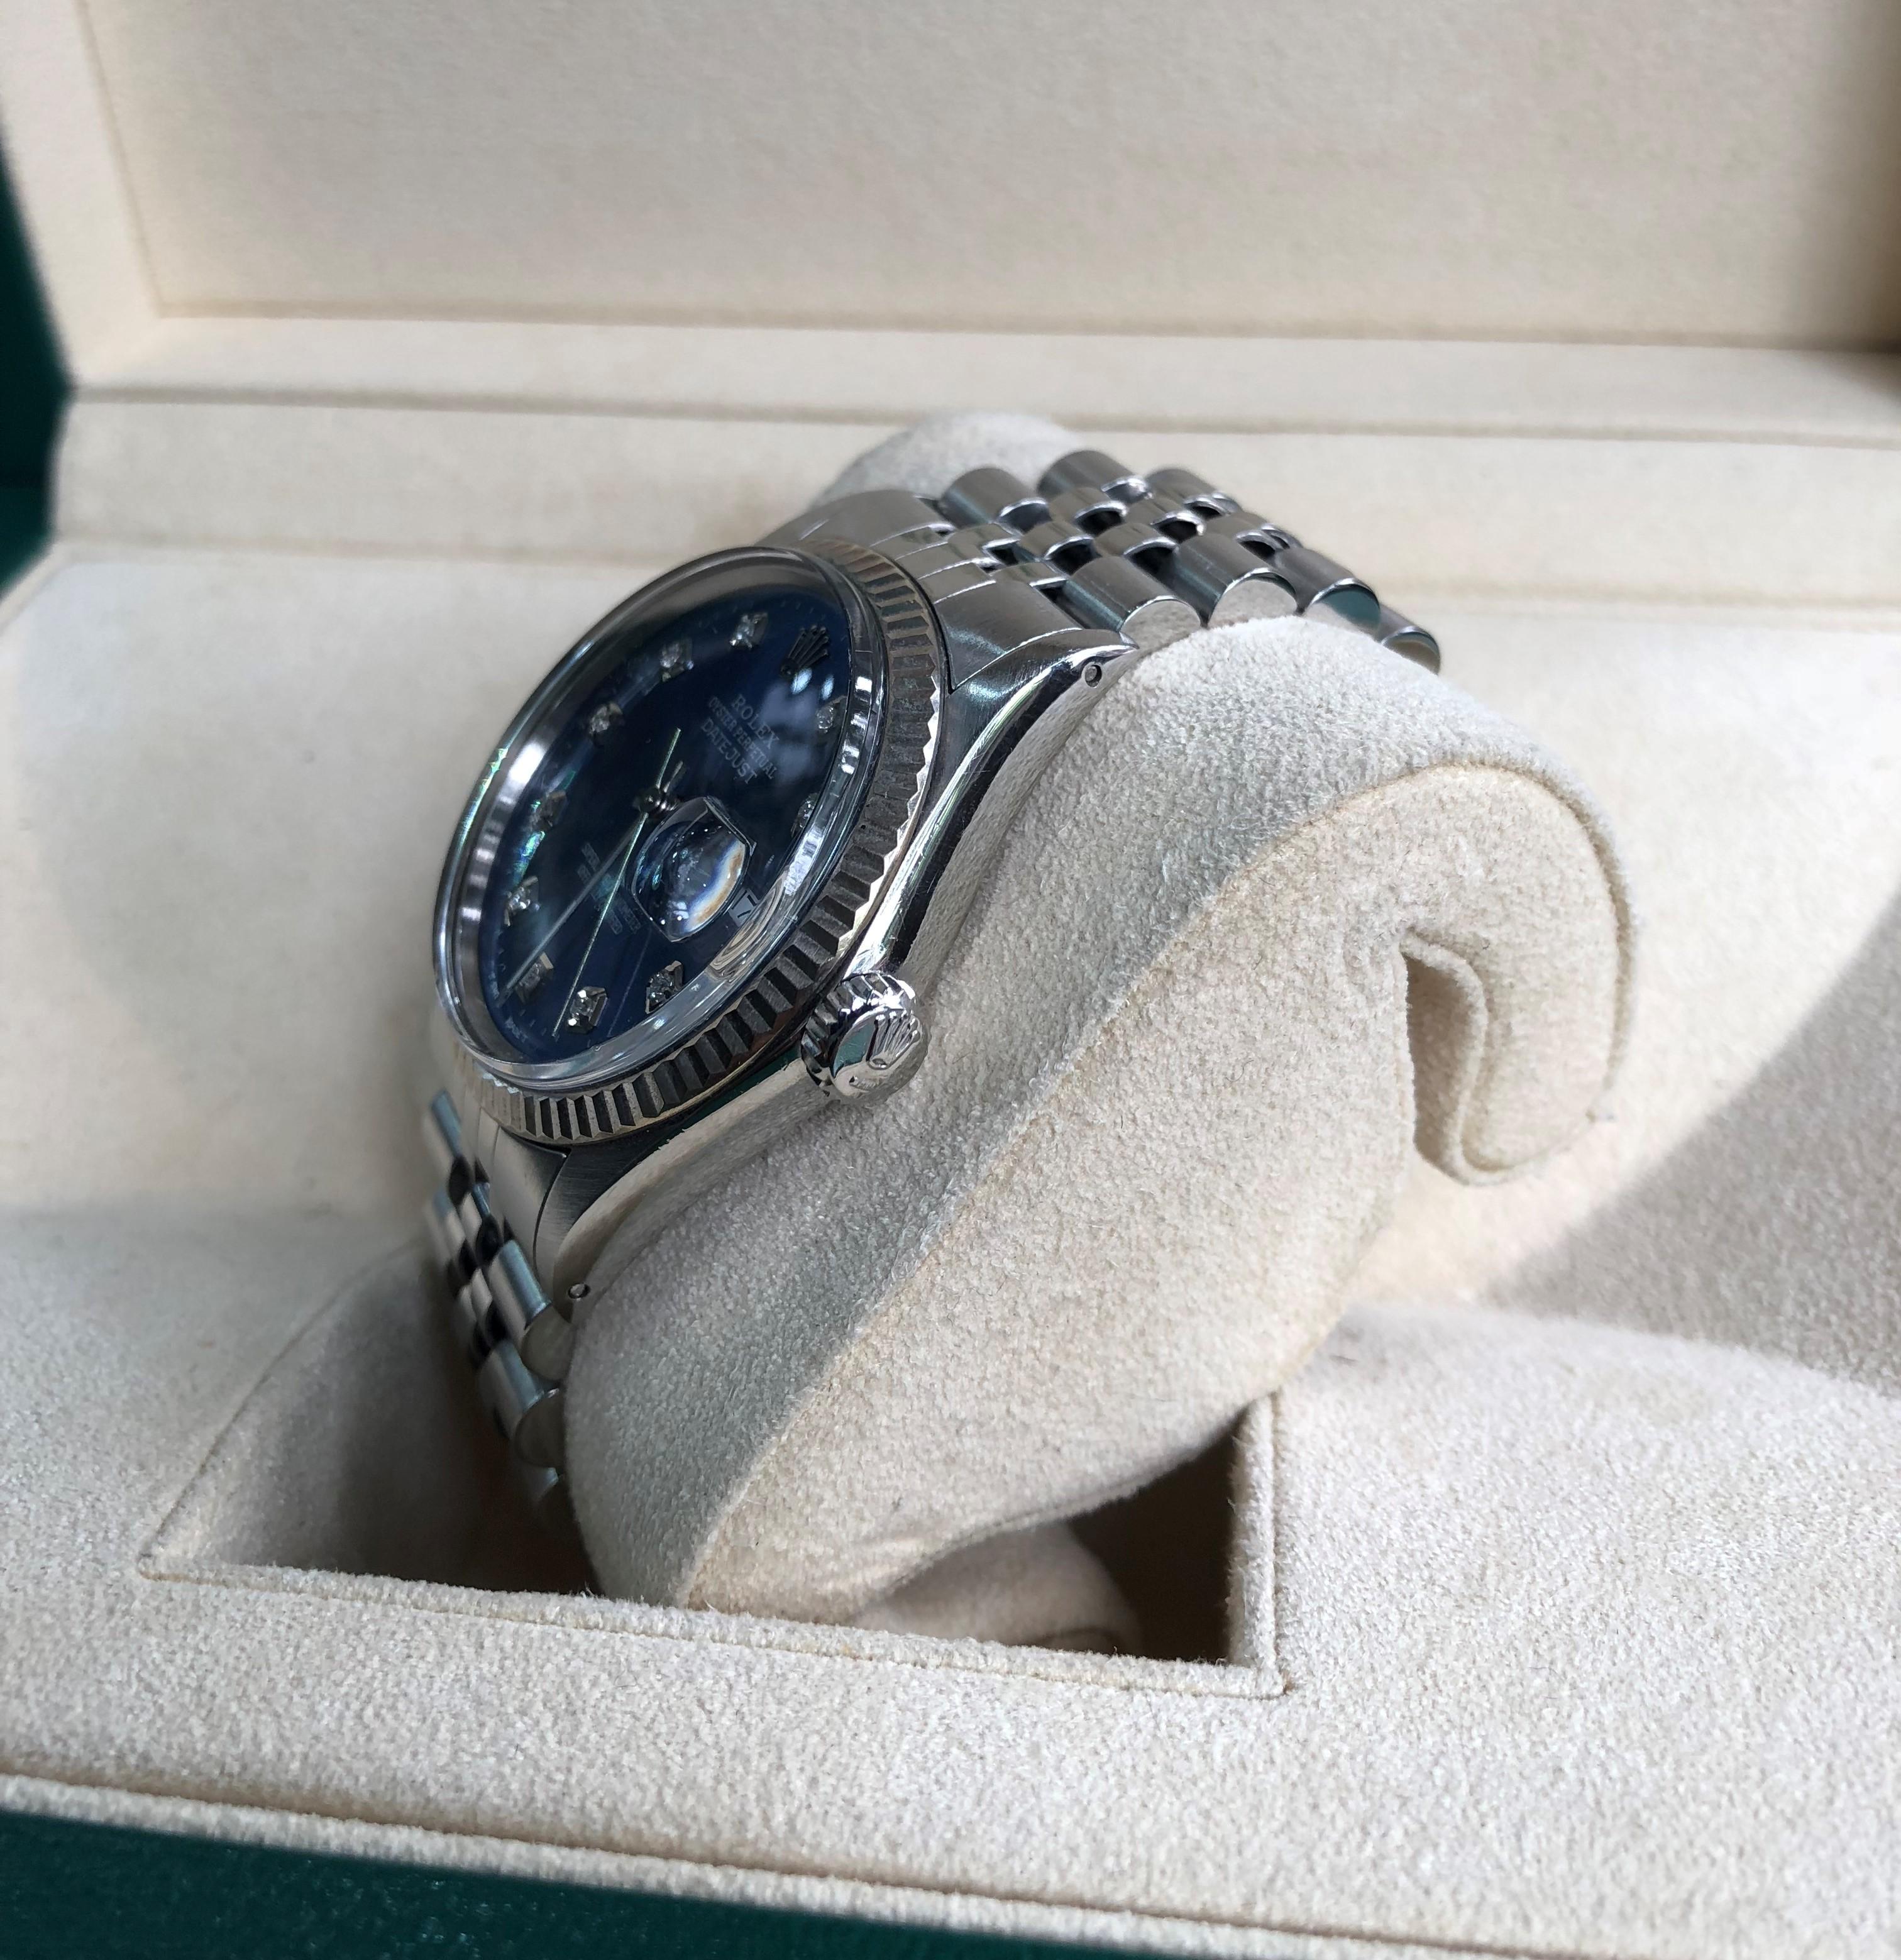 Rolex 16030 mặt xanh lam sản xuất năm 1988